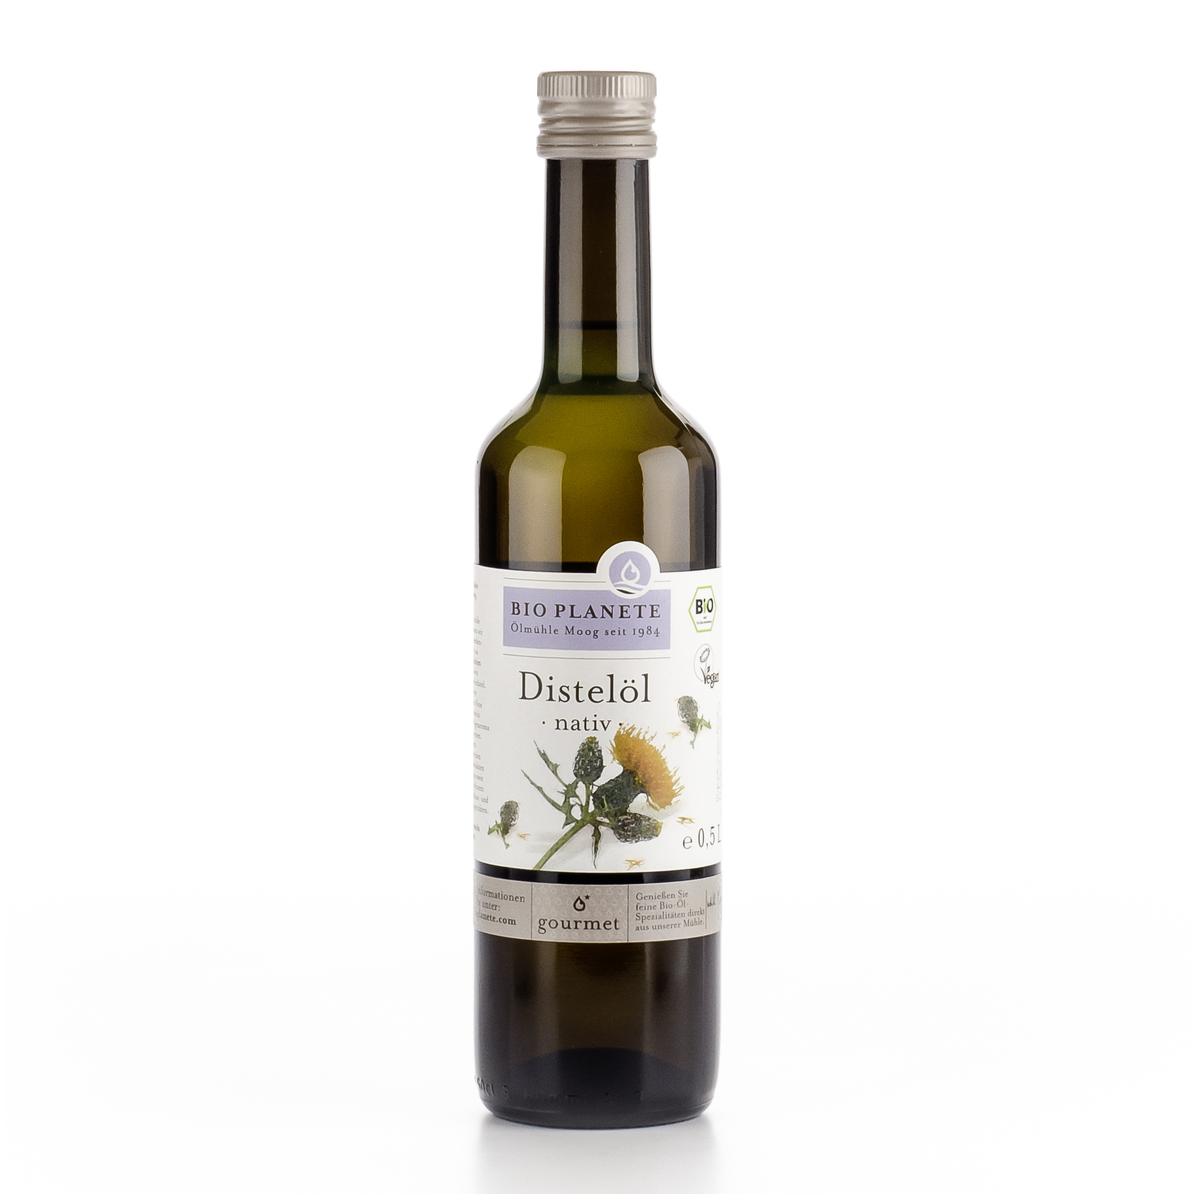 Distelöl nativ Flasche 500 ml/Glas Einweg - Bio Planète